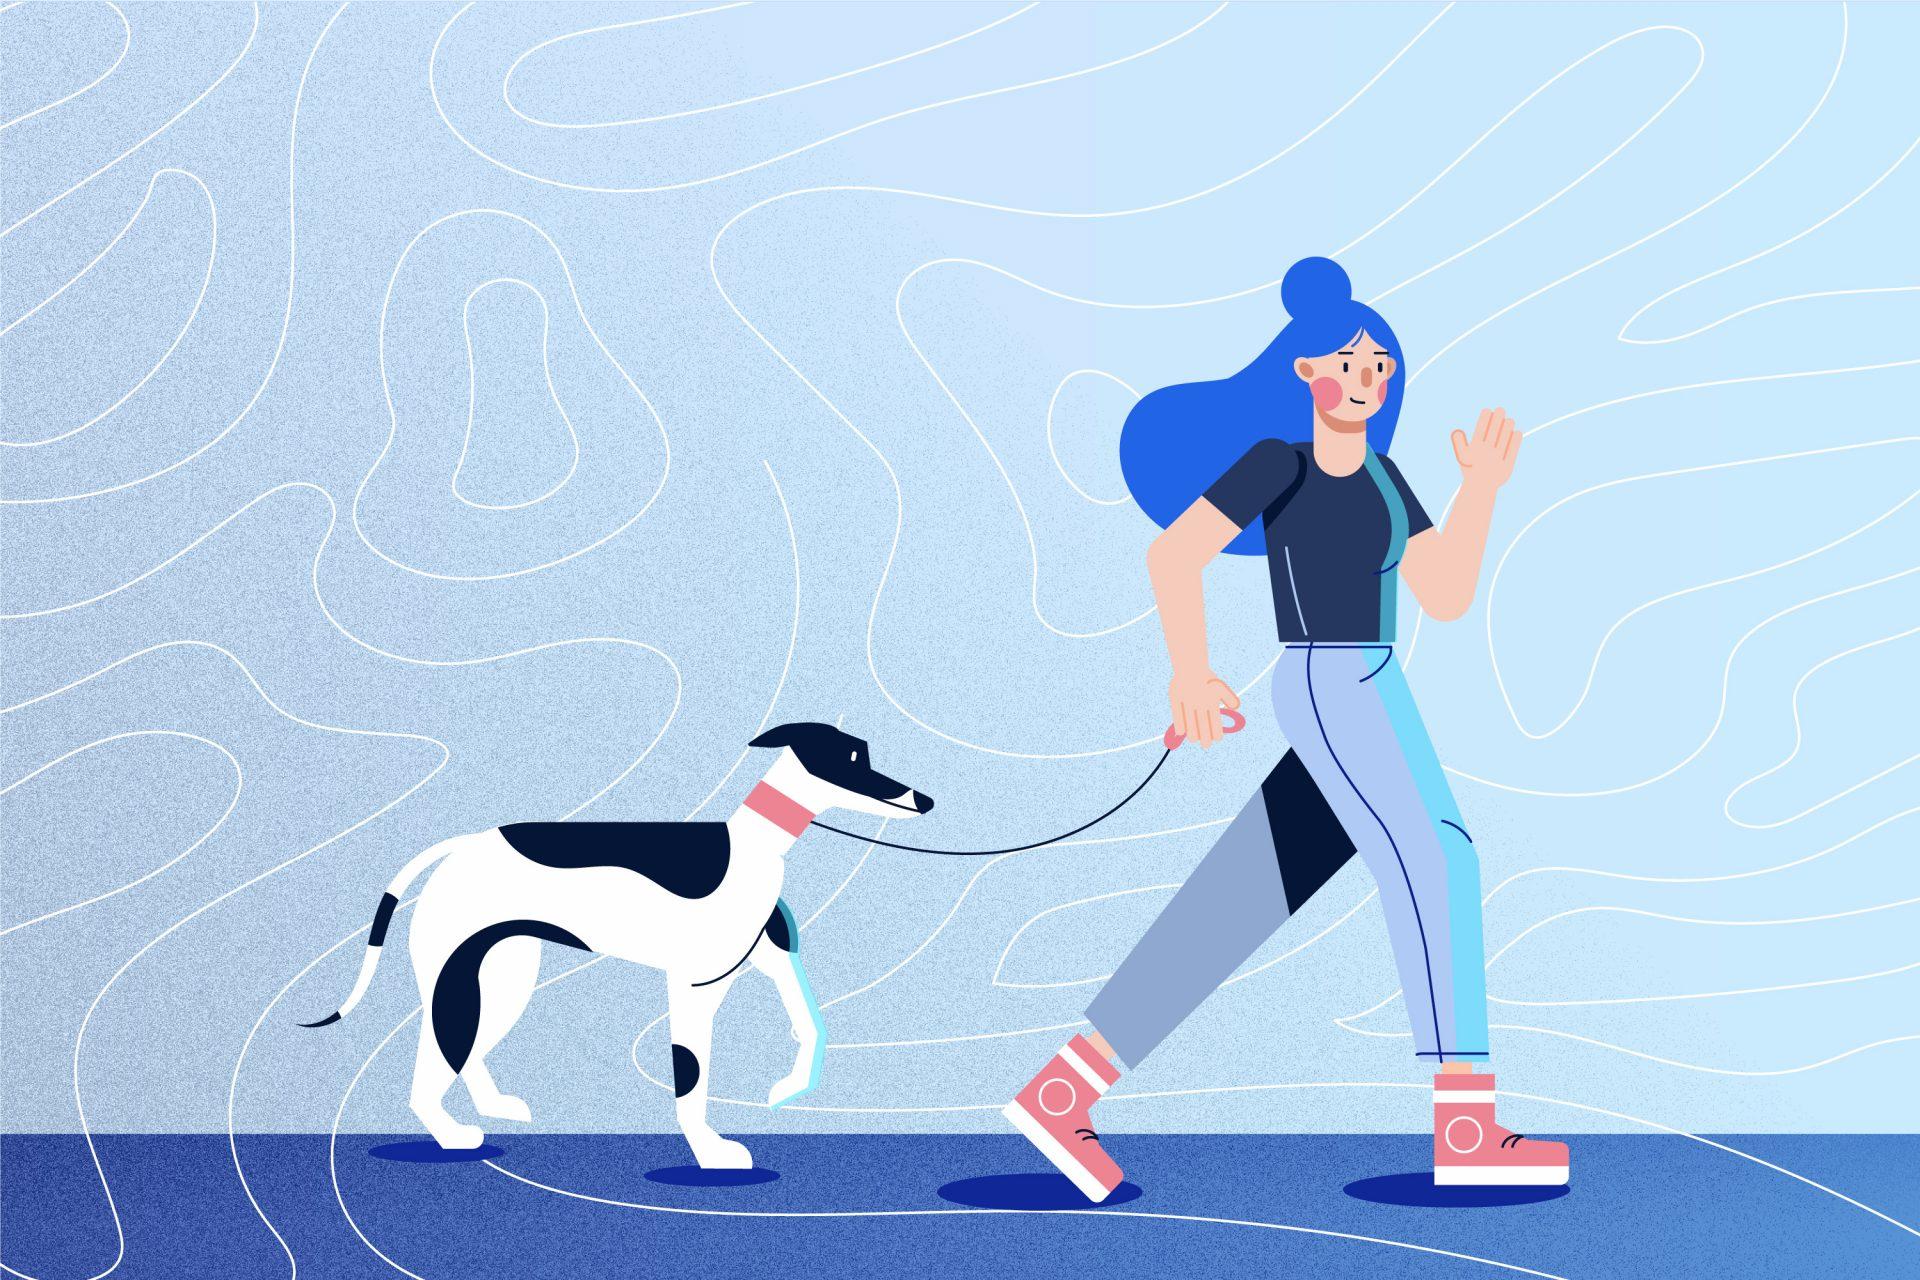 Para pausar o bloqueio criativo, faça uma caminhada